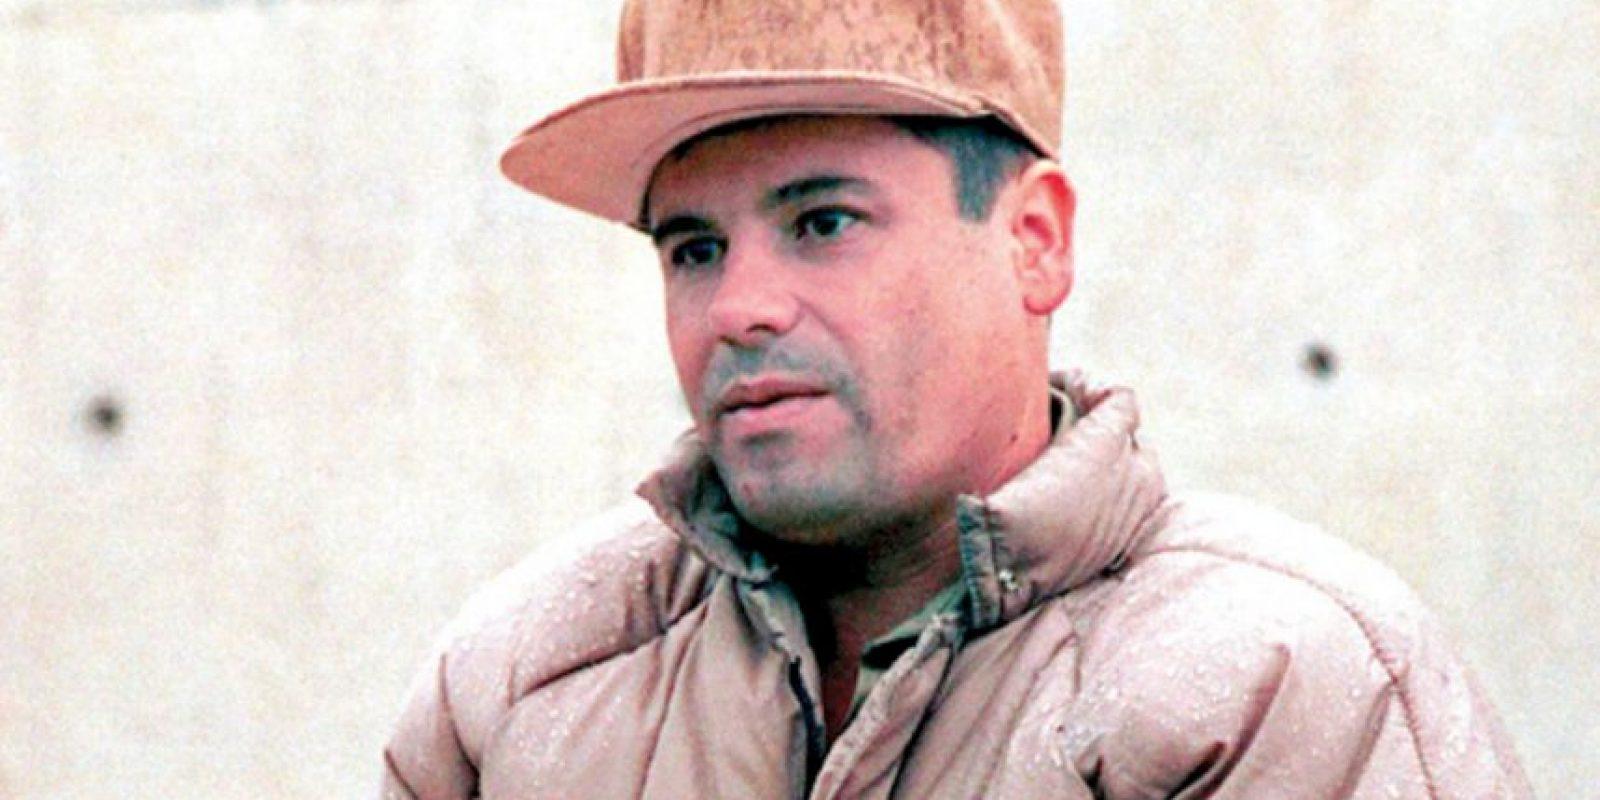 En 2013 fue declarado enemigo público número uno por la Comisión del Crimen de Chicago, una etiqueta creada en 1930 para designar al jefe de la mafia Al Capone. Foto:vía AFP